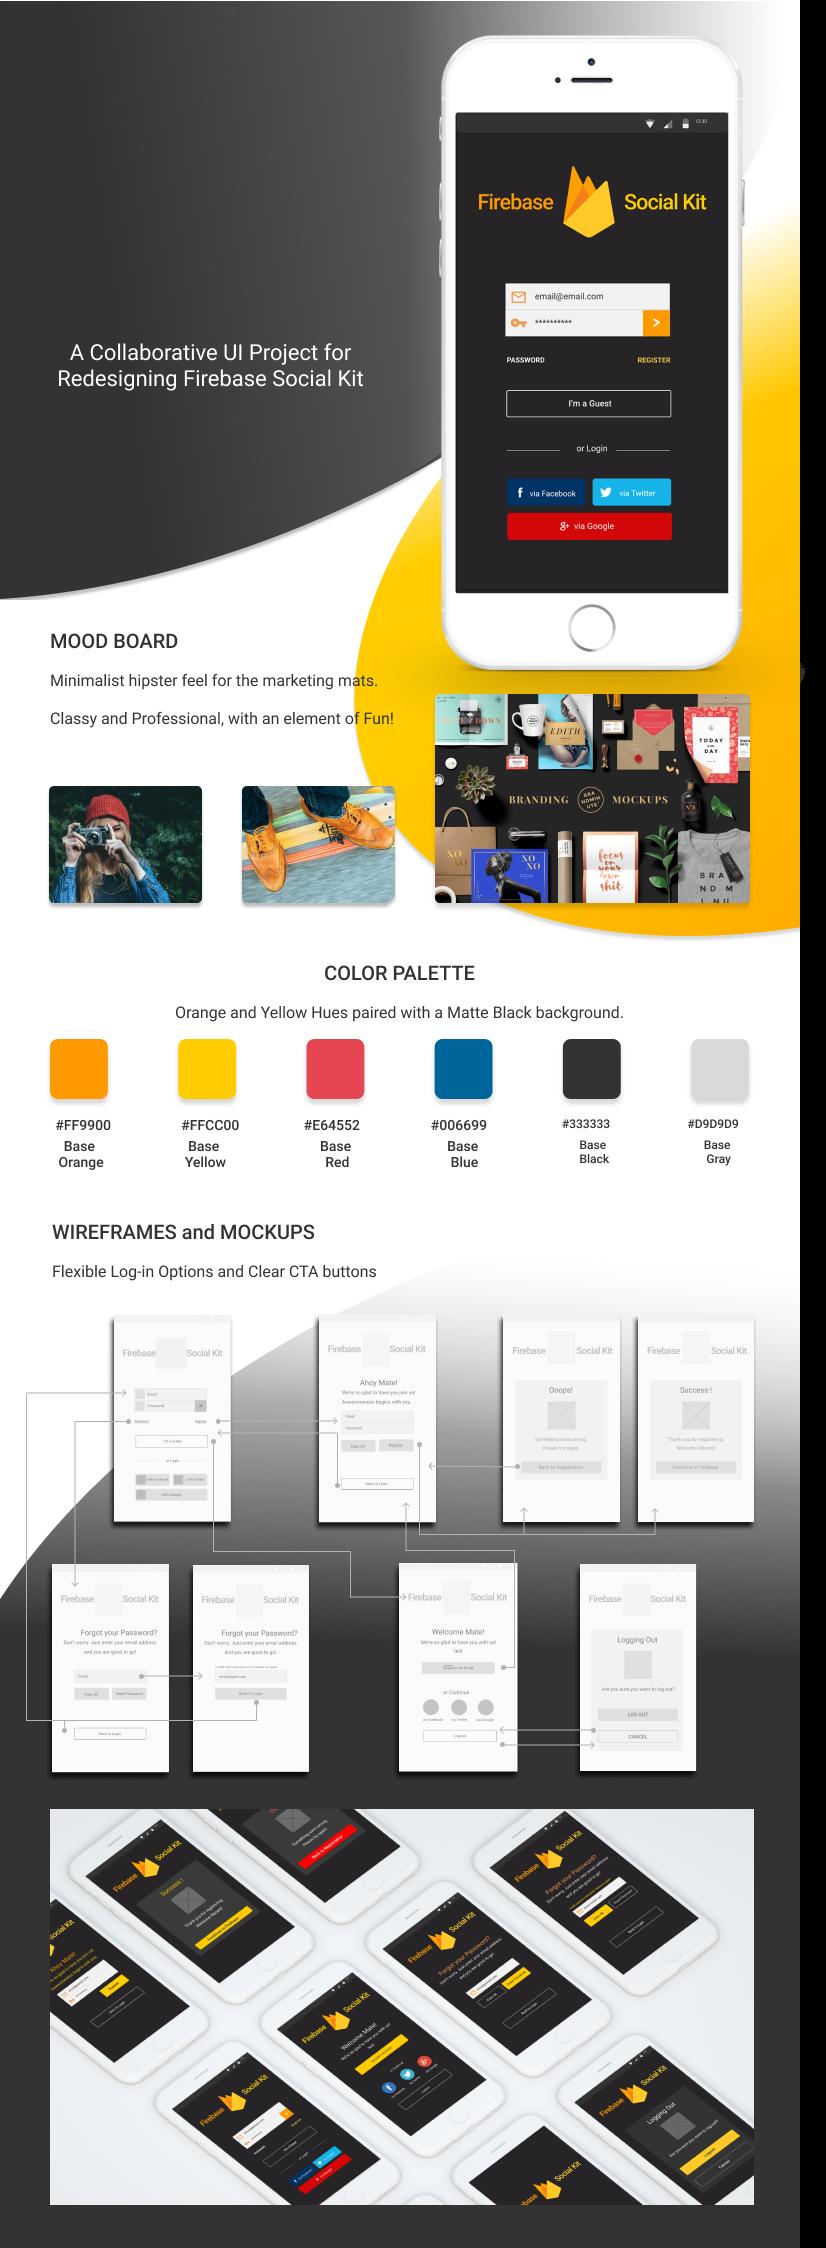 UI firebase login login page wireframe Mockup color palette Hipster